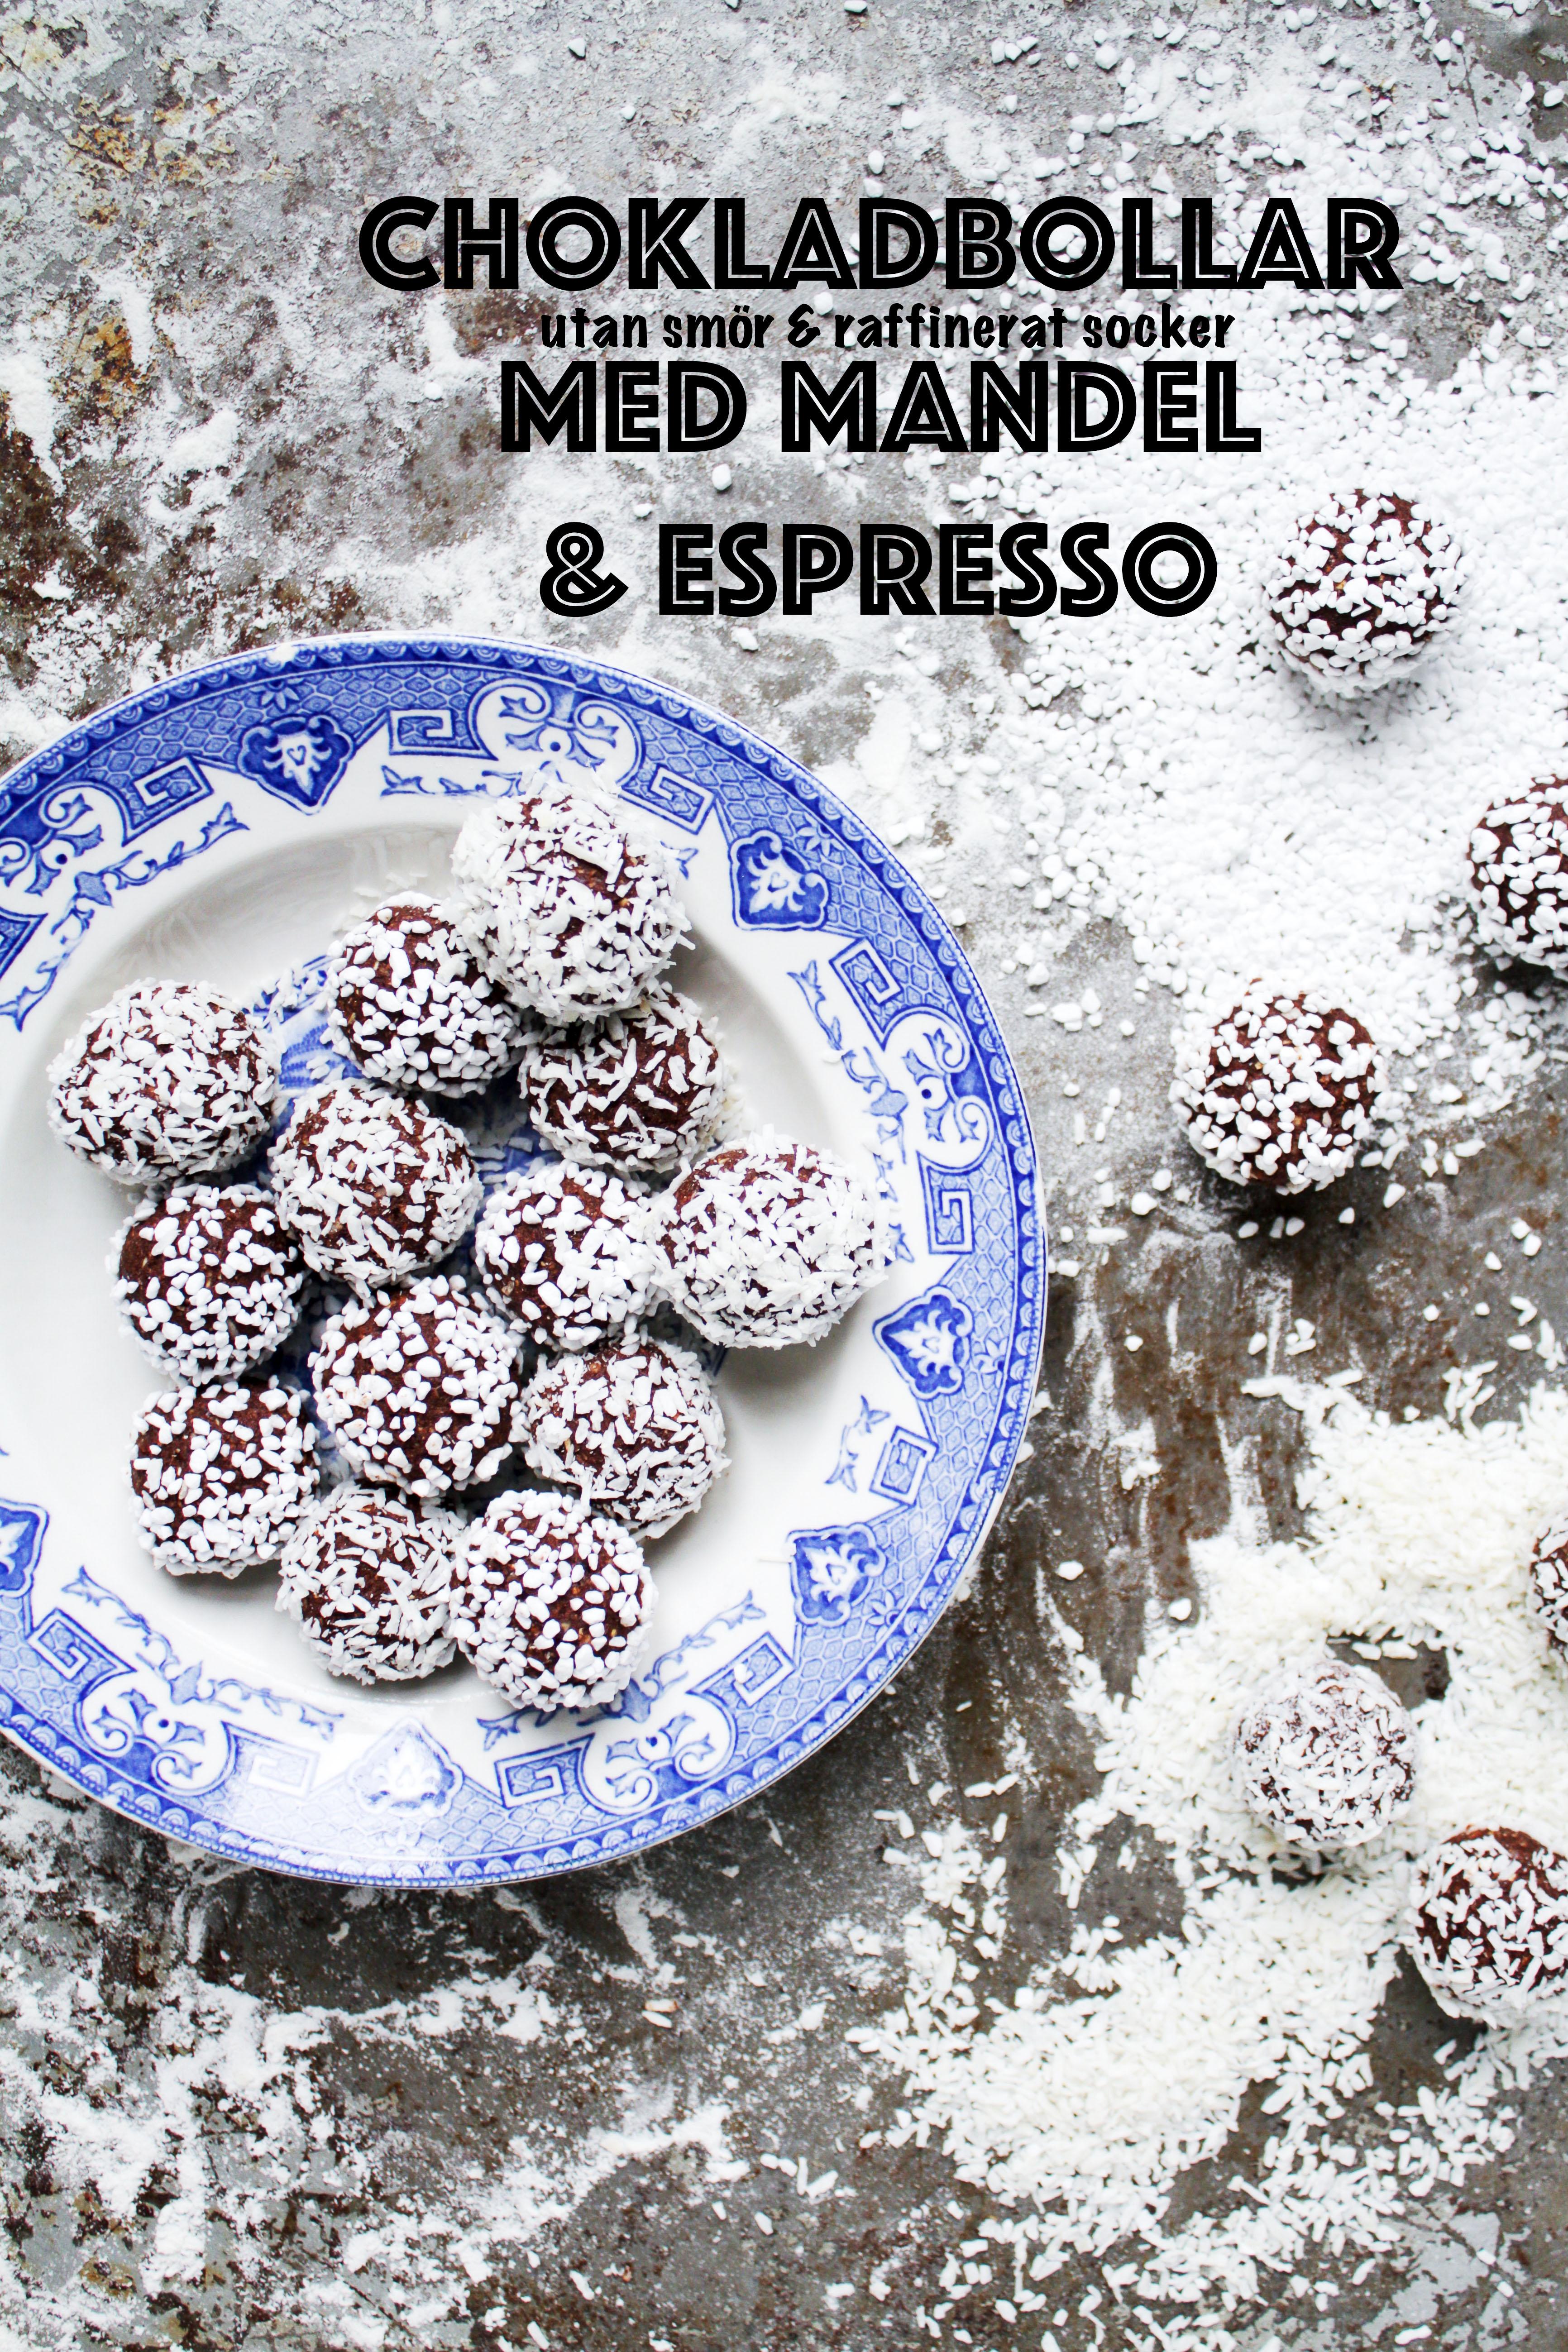 Chokladbollar_med_mandel_och_espresso